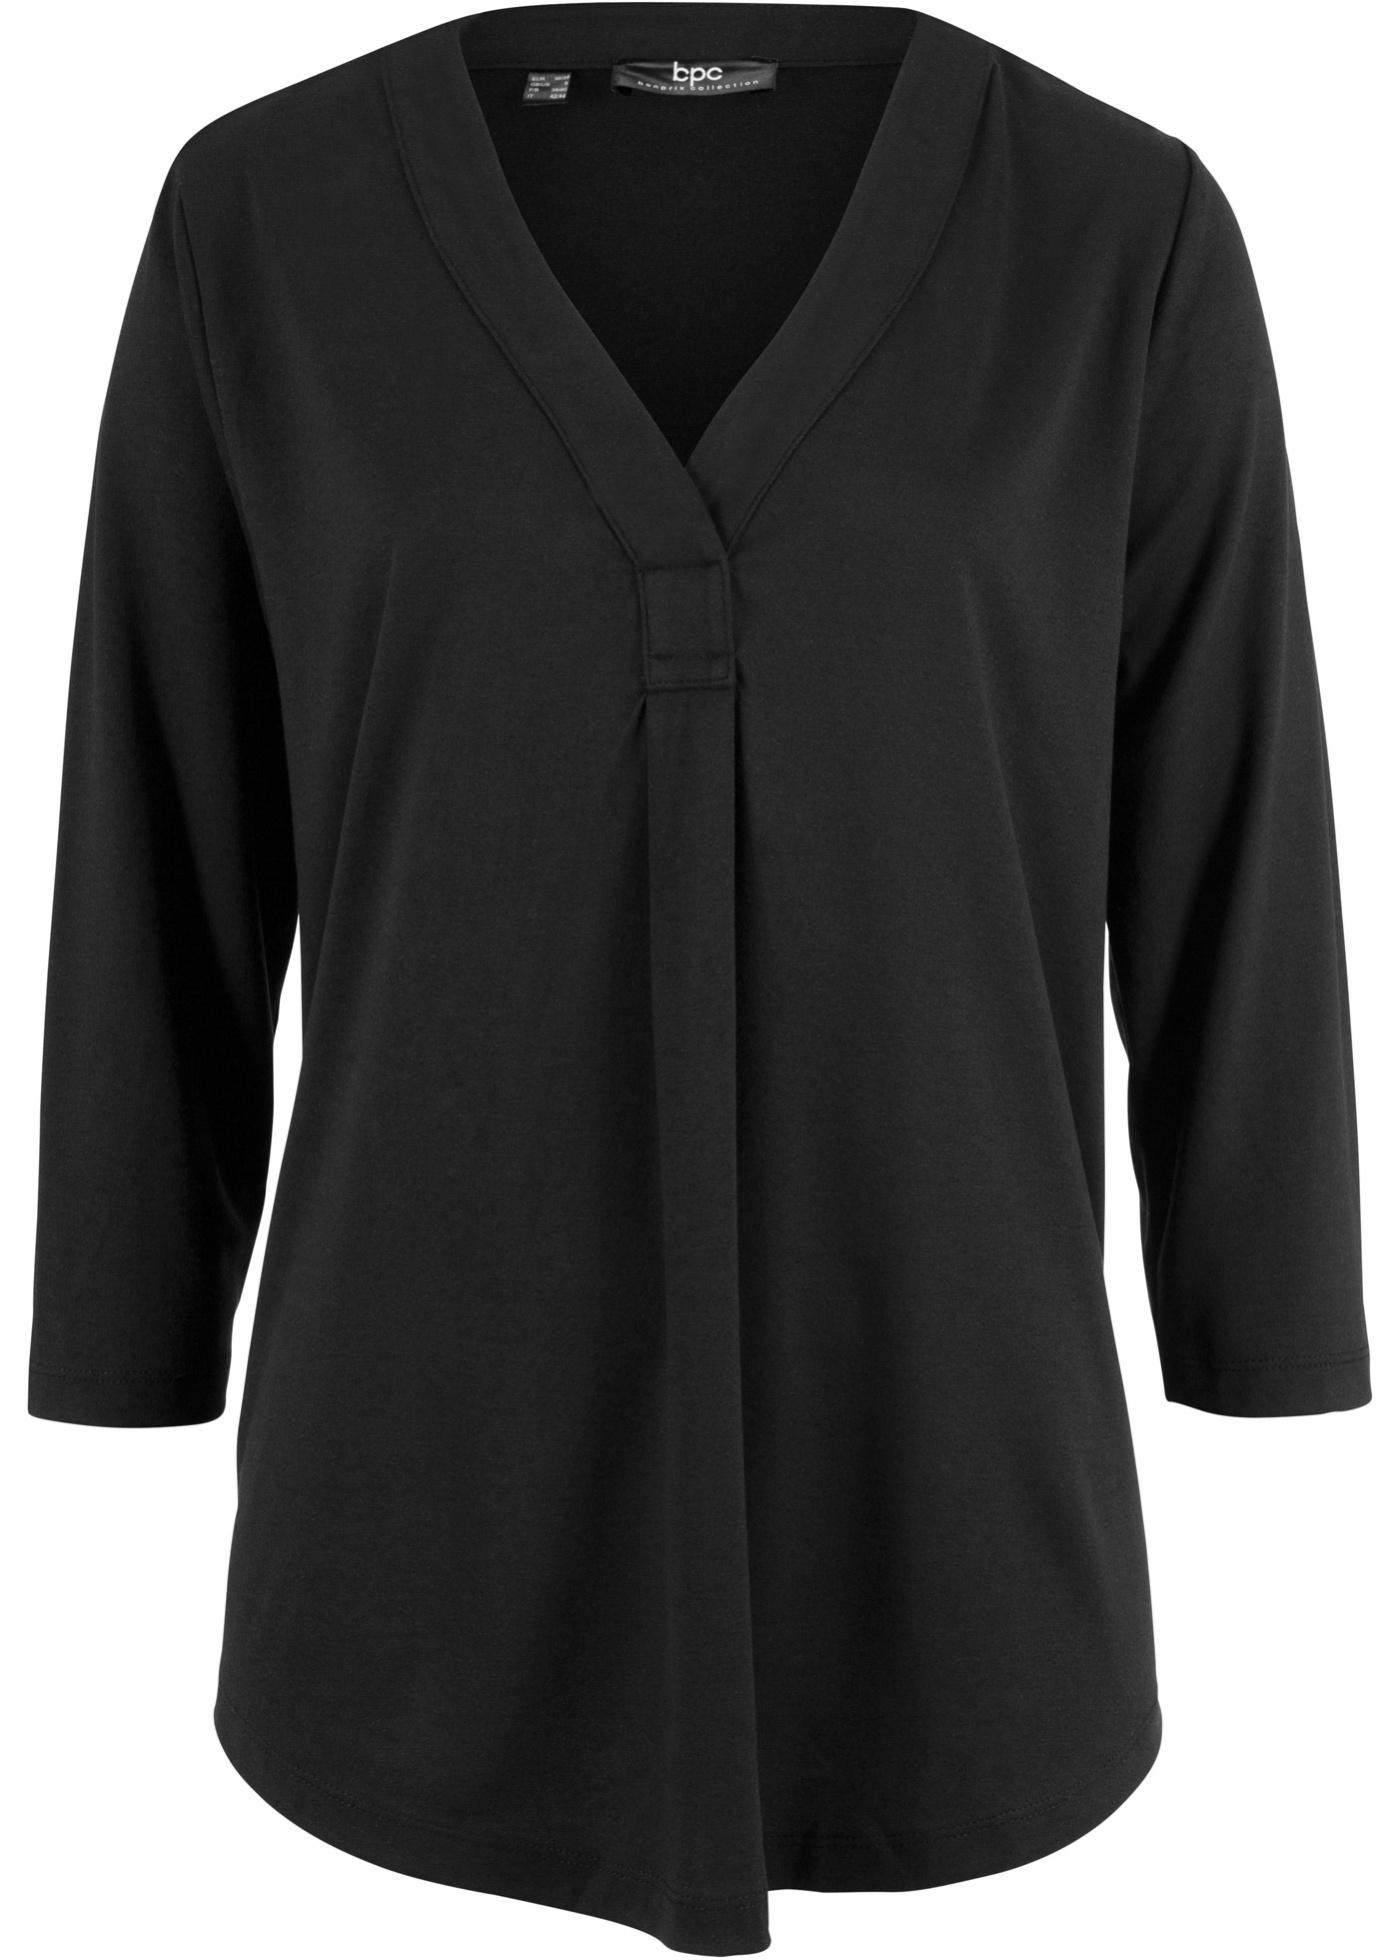 Noir Mélange shirt Modal Bonprix Fluide CollectionT 3 Femme Bpc Pour 4 En Manches wklPXTiuOZ